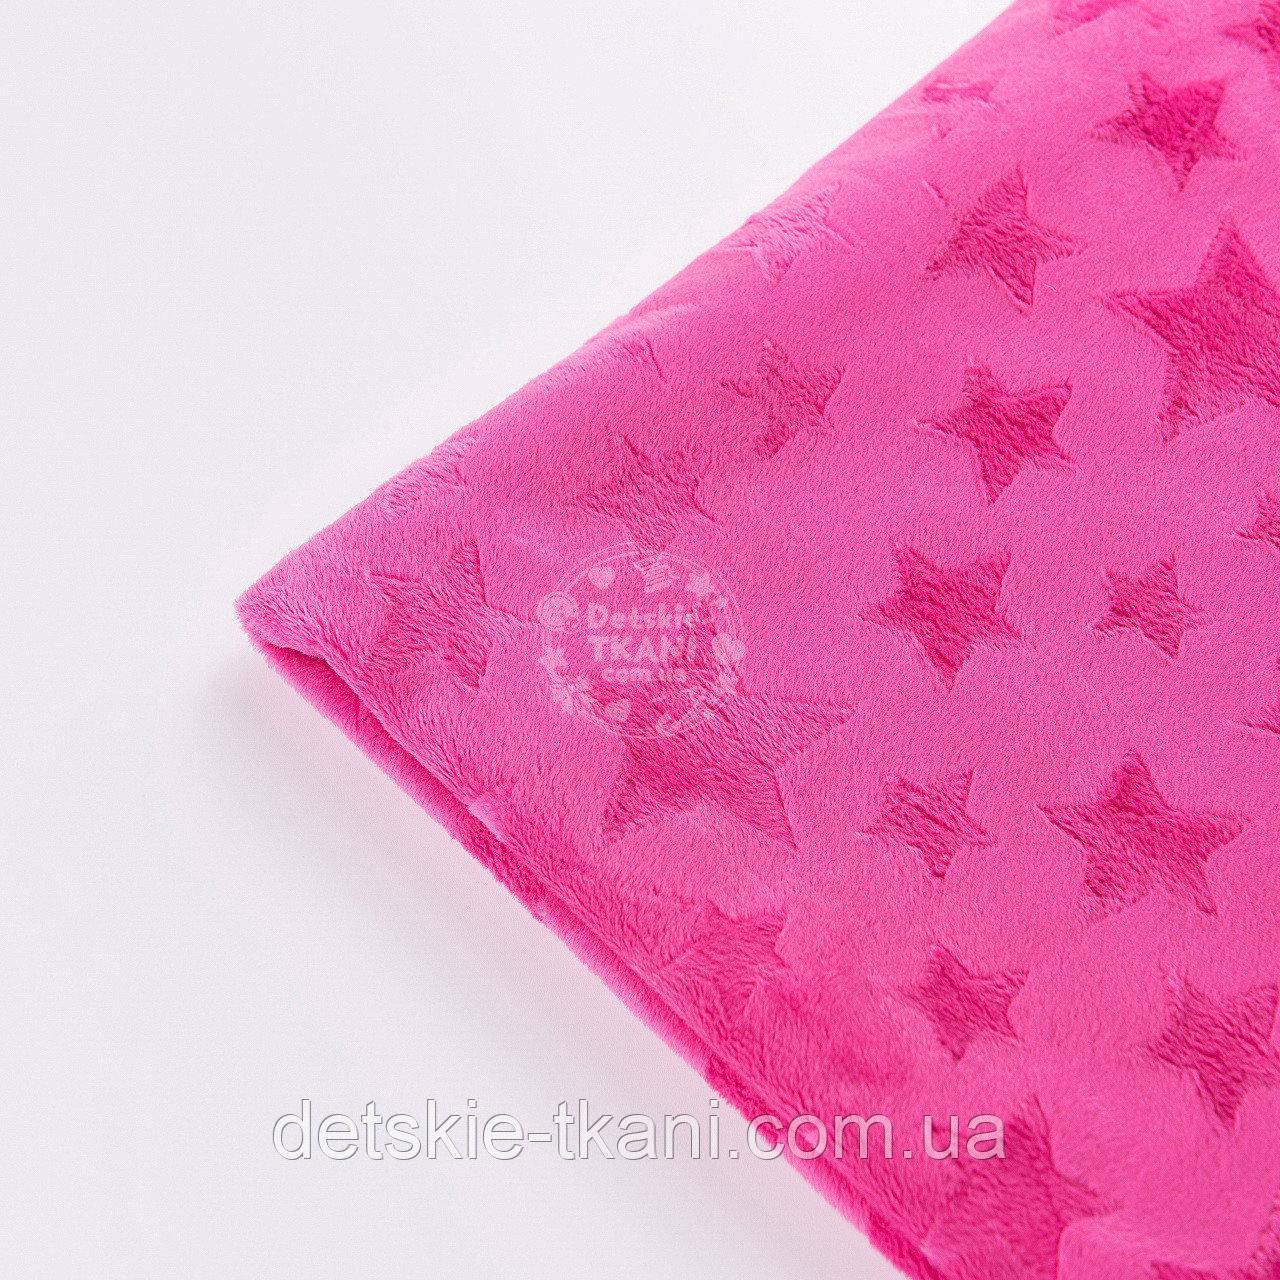 Лоскут плюшевой ткани малинового цвета со звёздами, размер 55*150 см